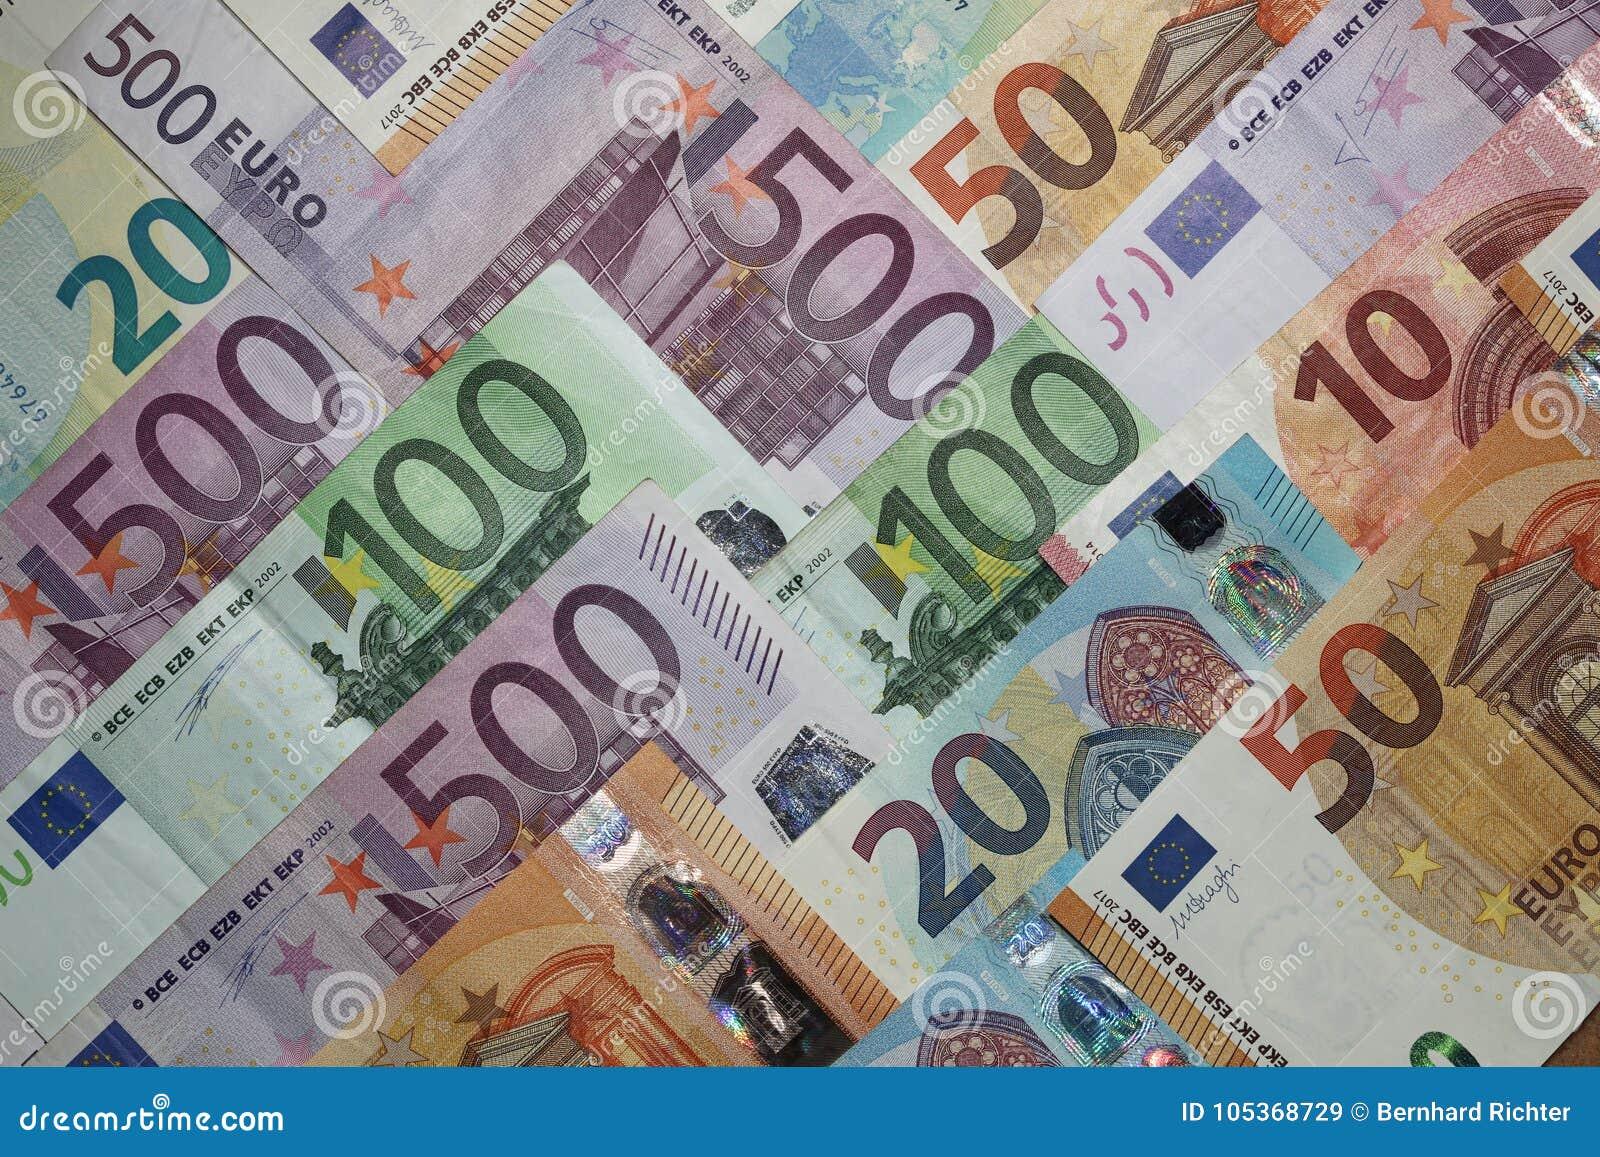 Pile De Différents Euro Billets De Banque Image stock - Image du différents, banque: 105368729